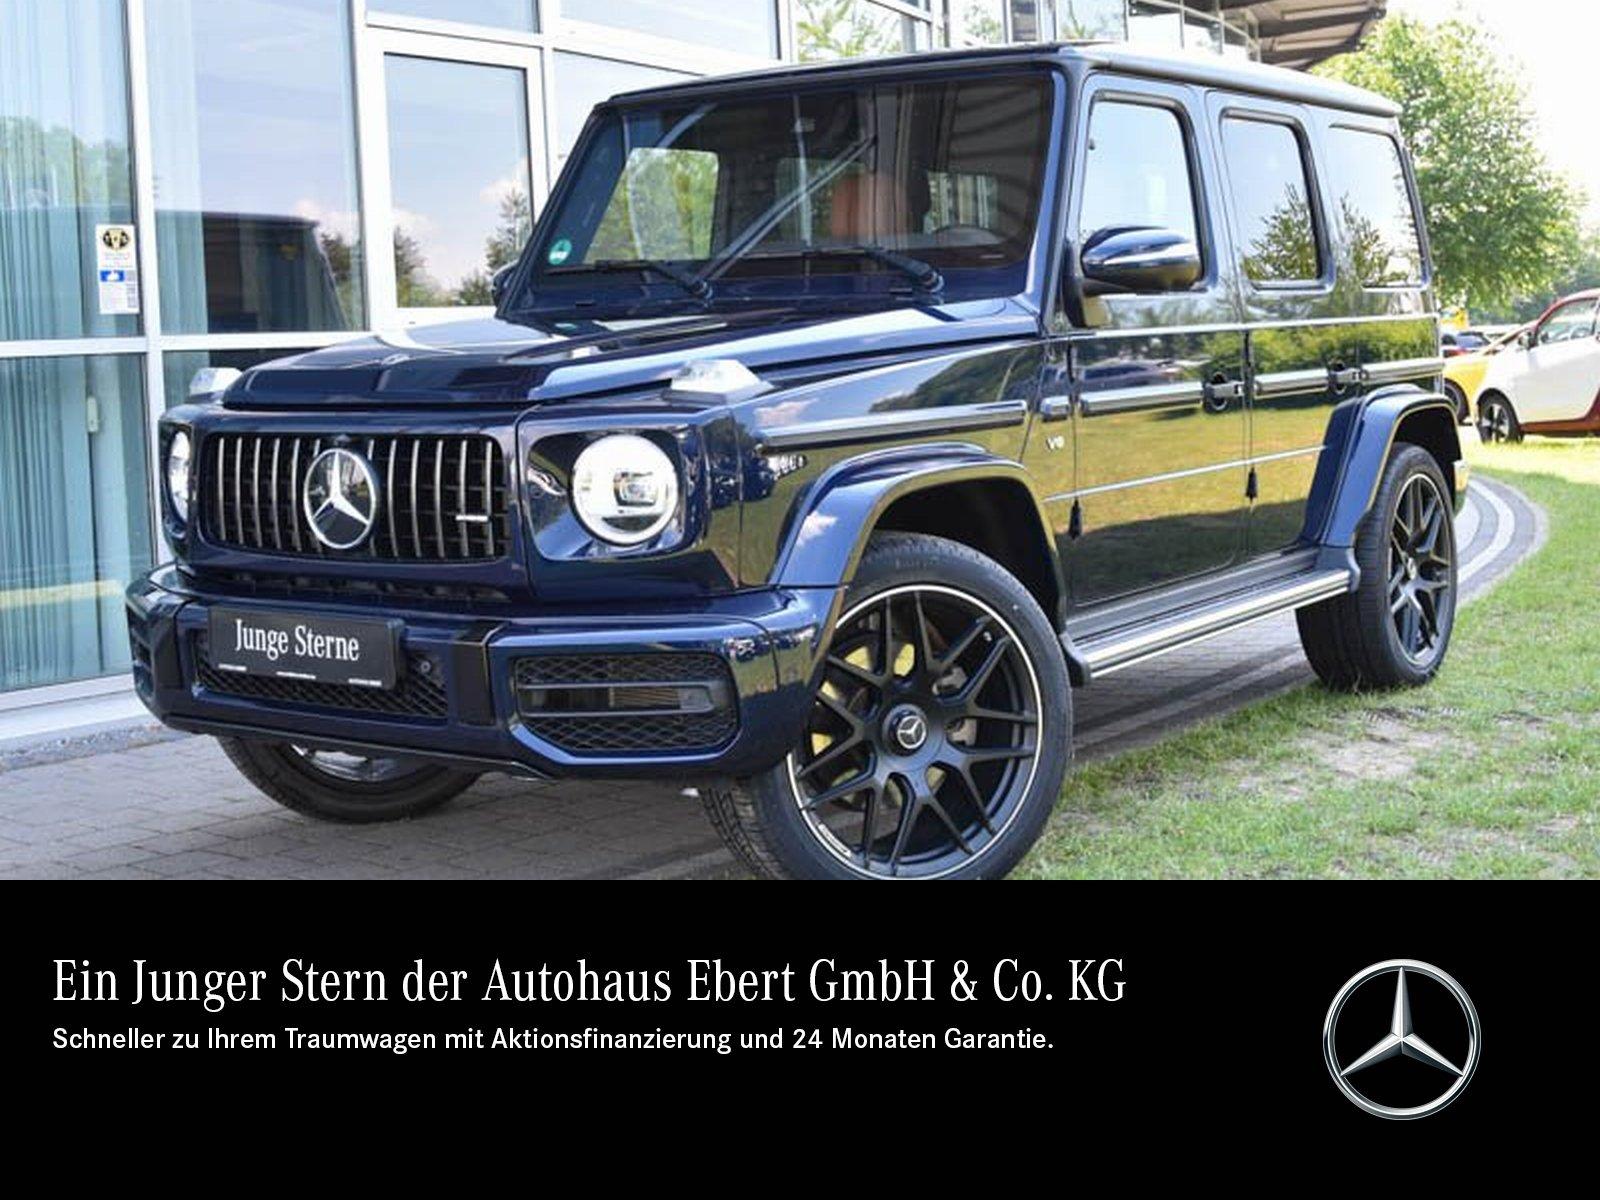 Mercedes-Benz G 500 Umbau G 63 AMG WIDESCREEN+360°+SD+STDHZG, Jahr 2018, Benzin